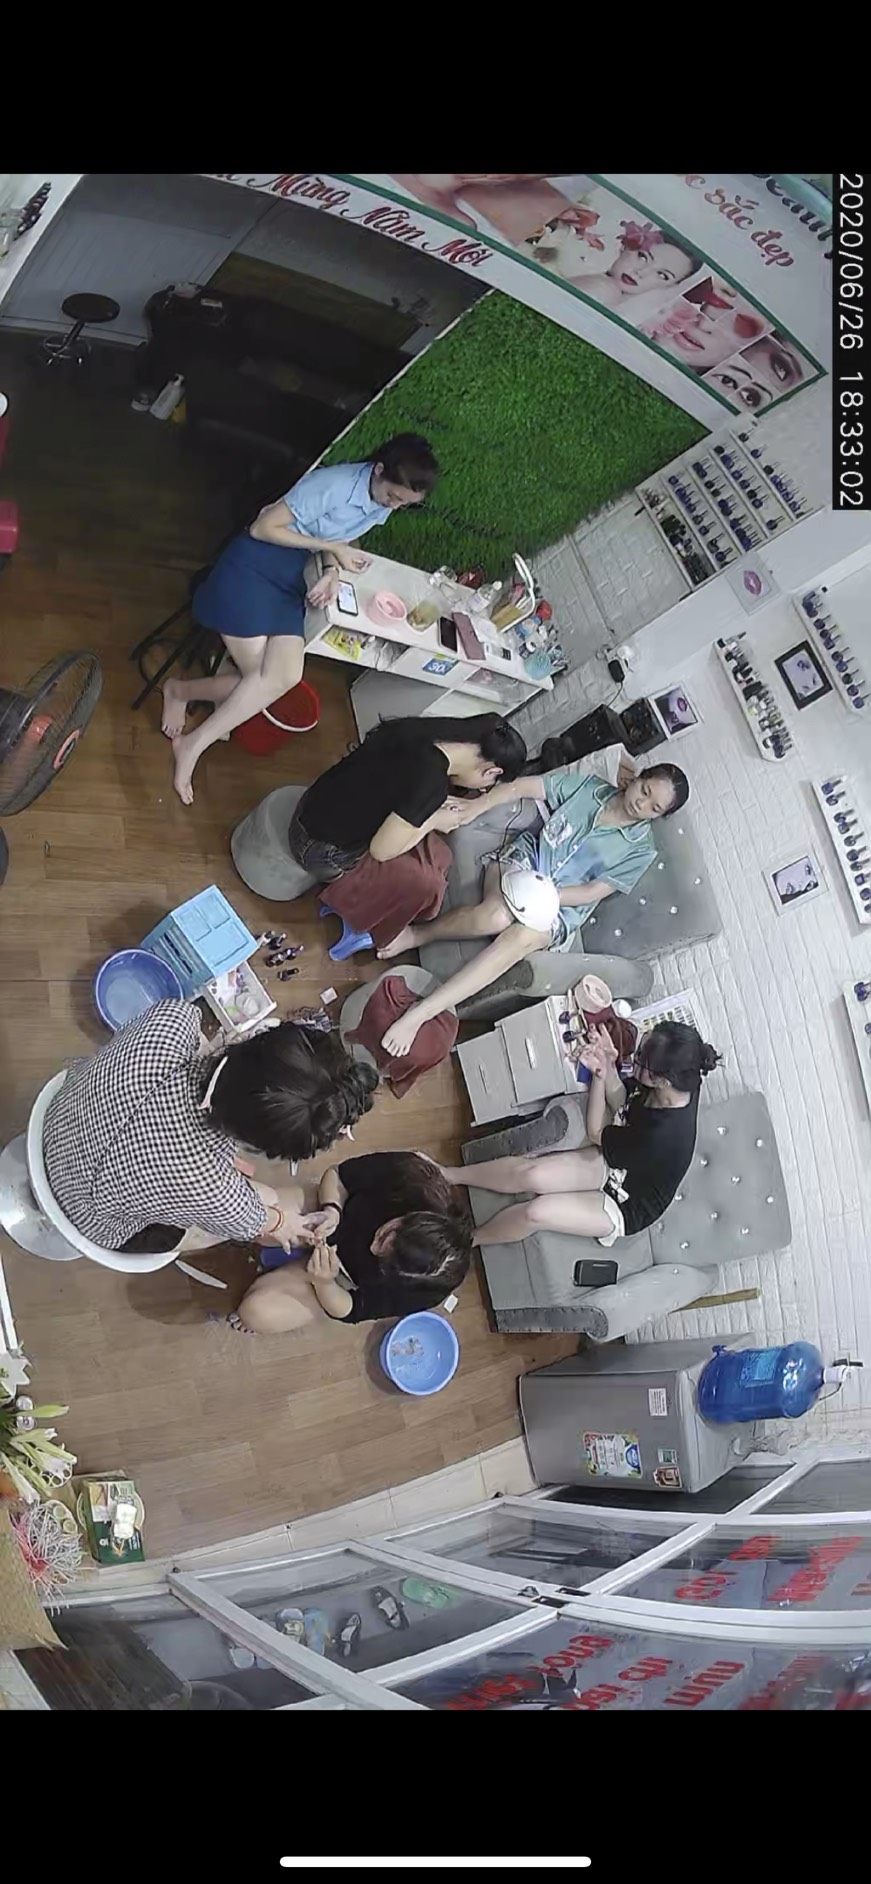 Chính chủ sang nhượng cửa hàng nail mi spa số 63 Trần Quốc Vượng, Cầu Giấy, Hà Nội - Ảnh 4